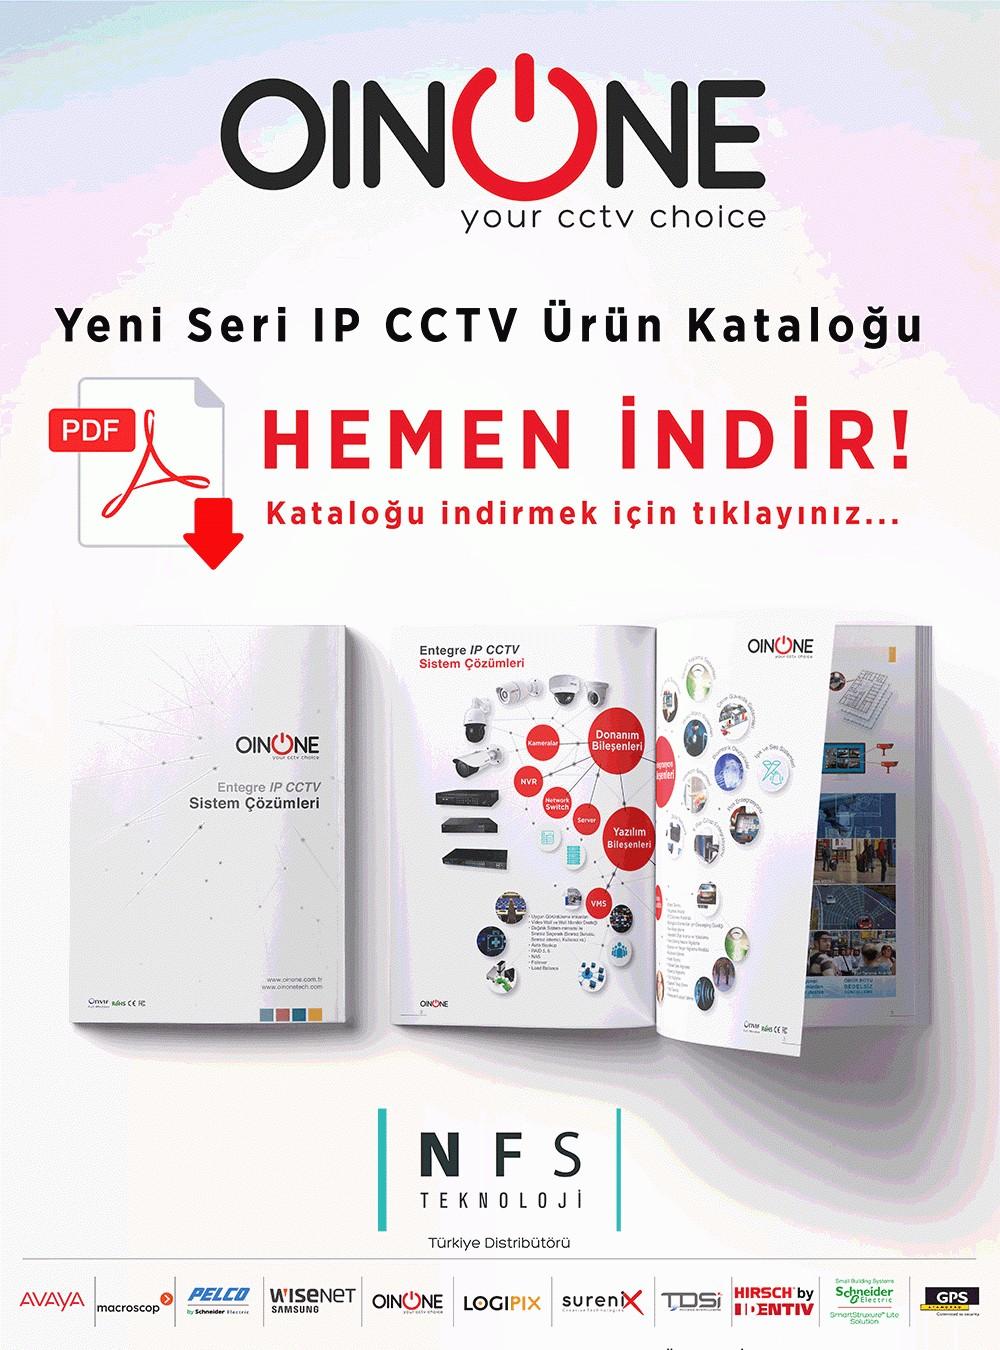 Oinone Yeni IP CCTV Ürün Kataloğunu Hemen İndirin!